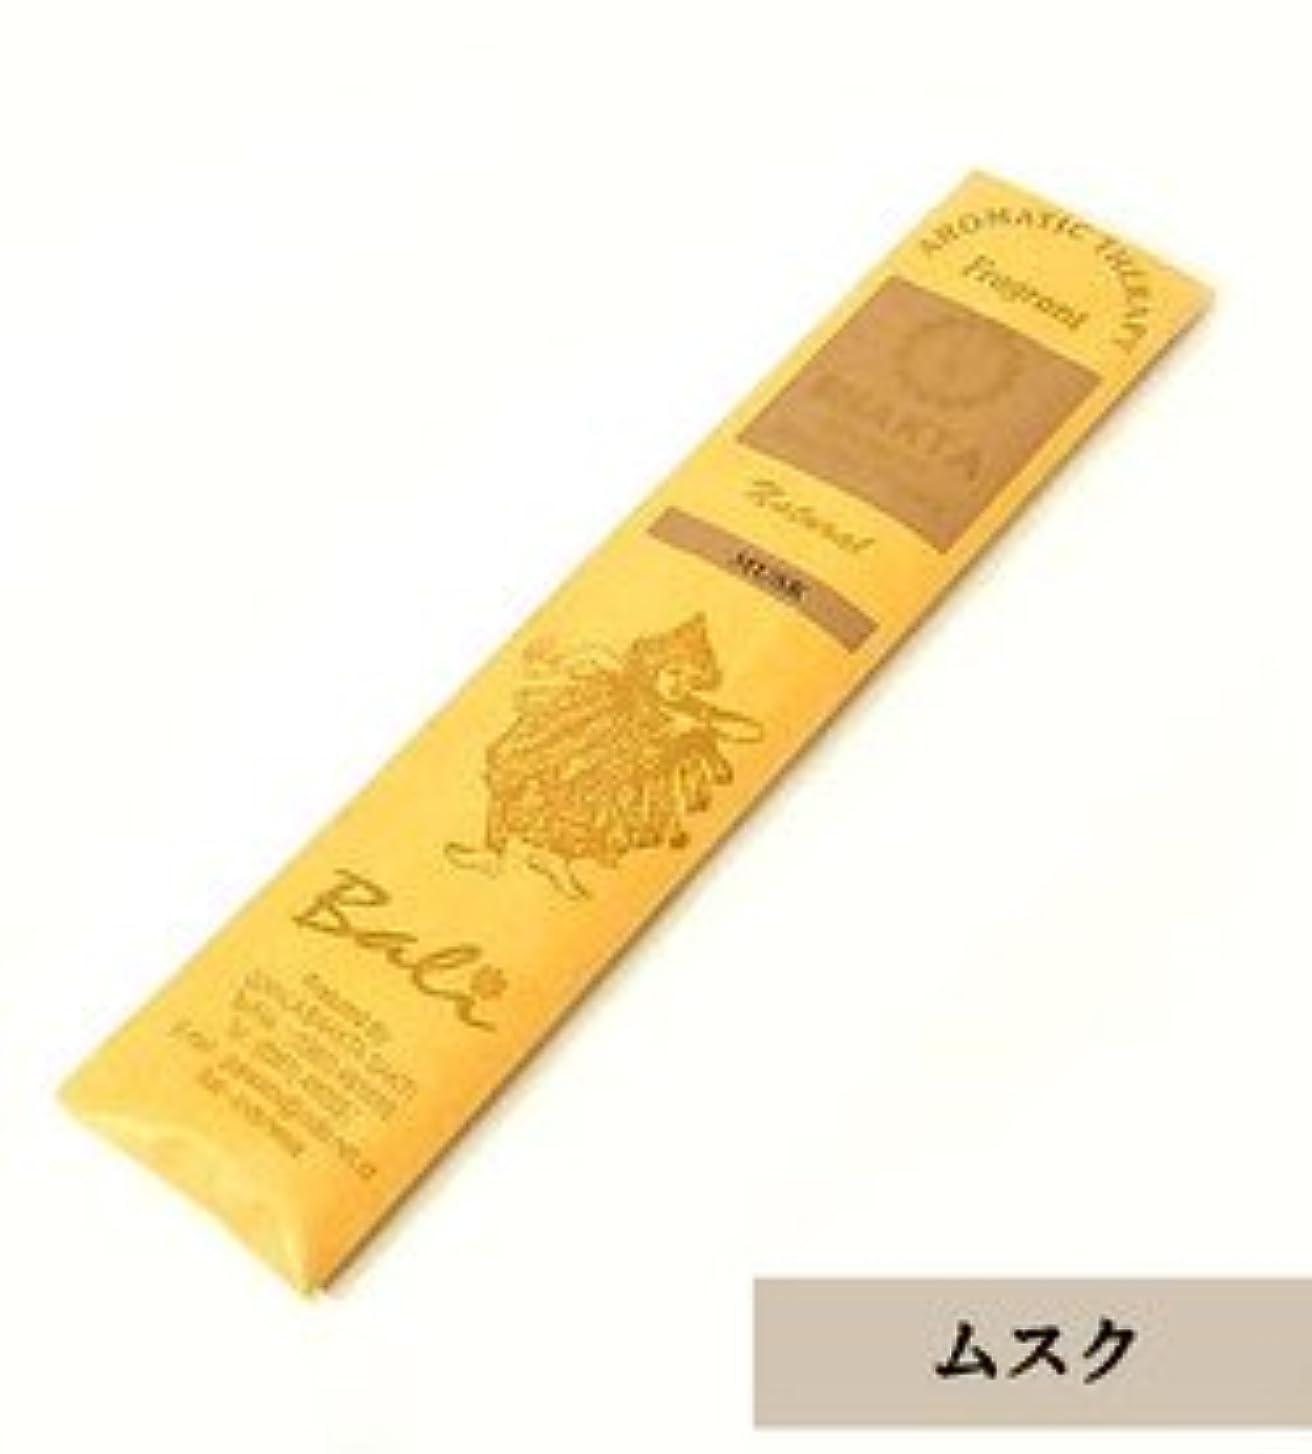 バリのお香 BHAKTA 【ムスク】 MUSK ロングスティック 20本入り アジアン雑貨